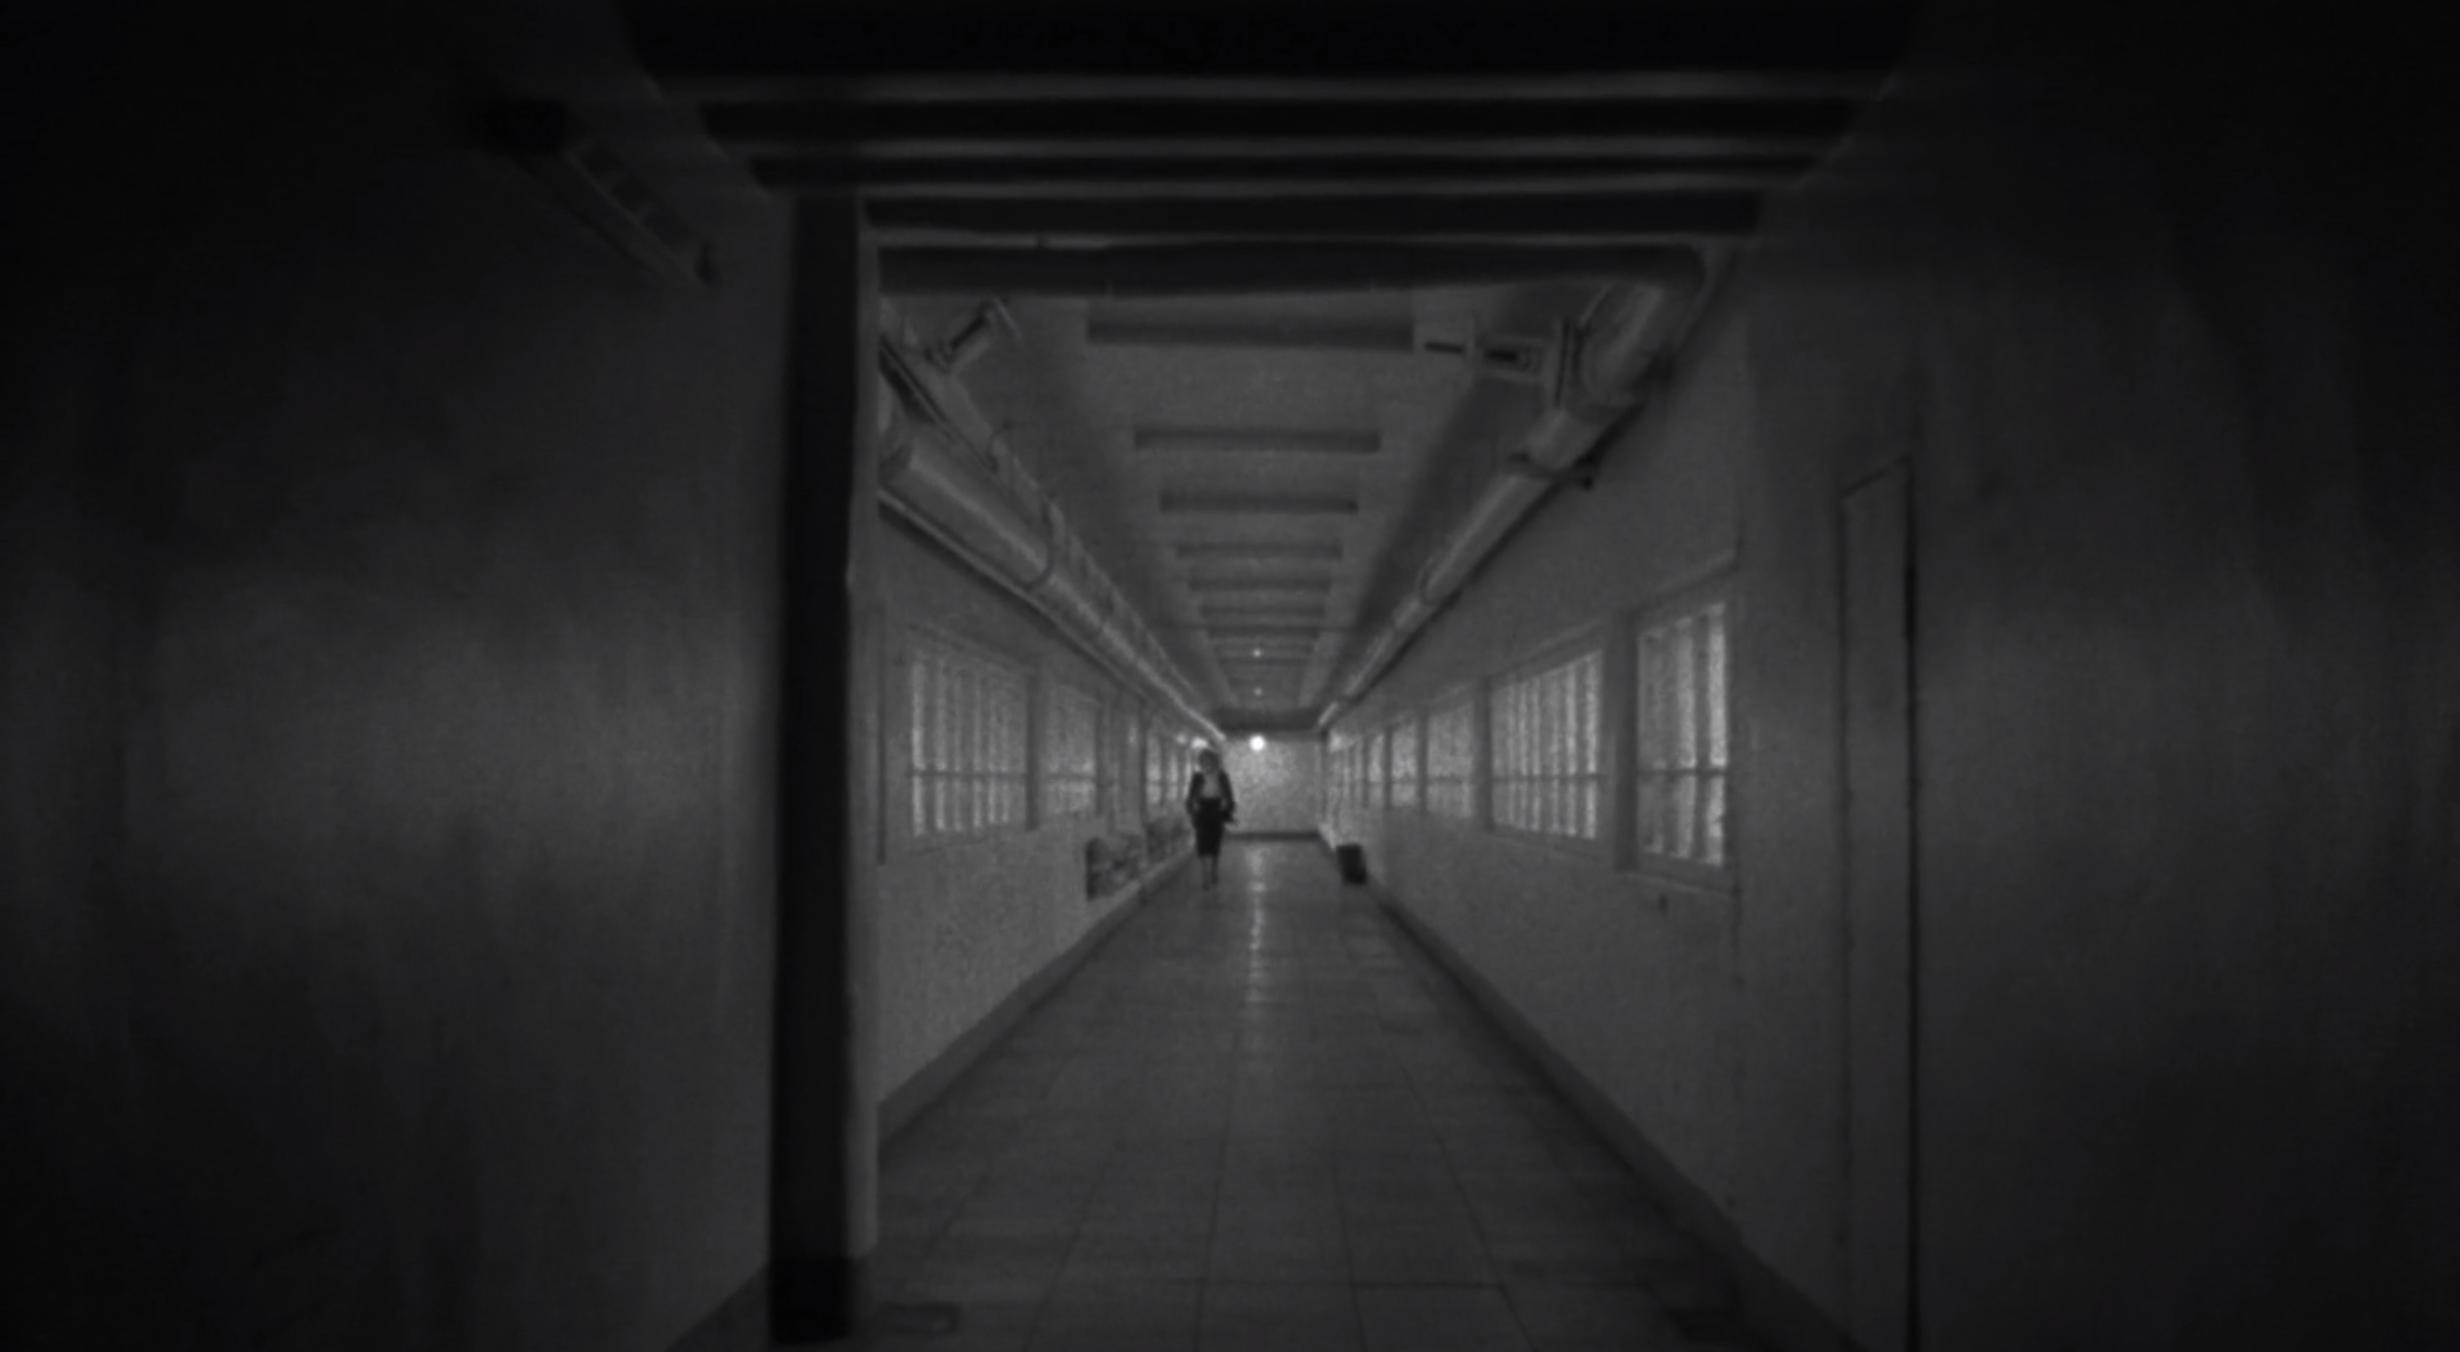 Screen-Shot-2020-03-15-at-2-30-40-AM.png